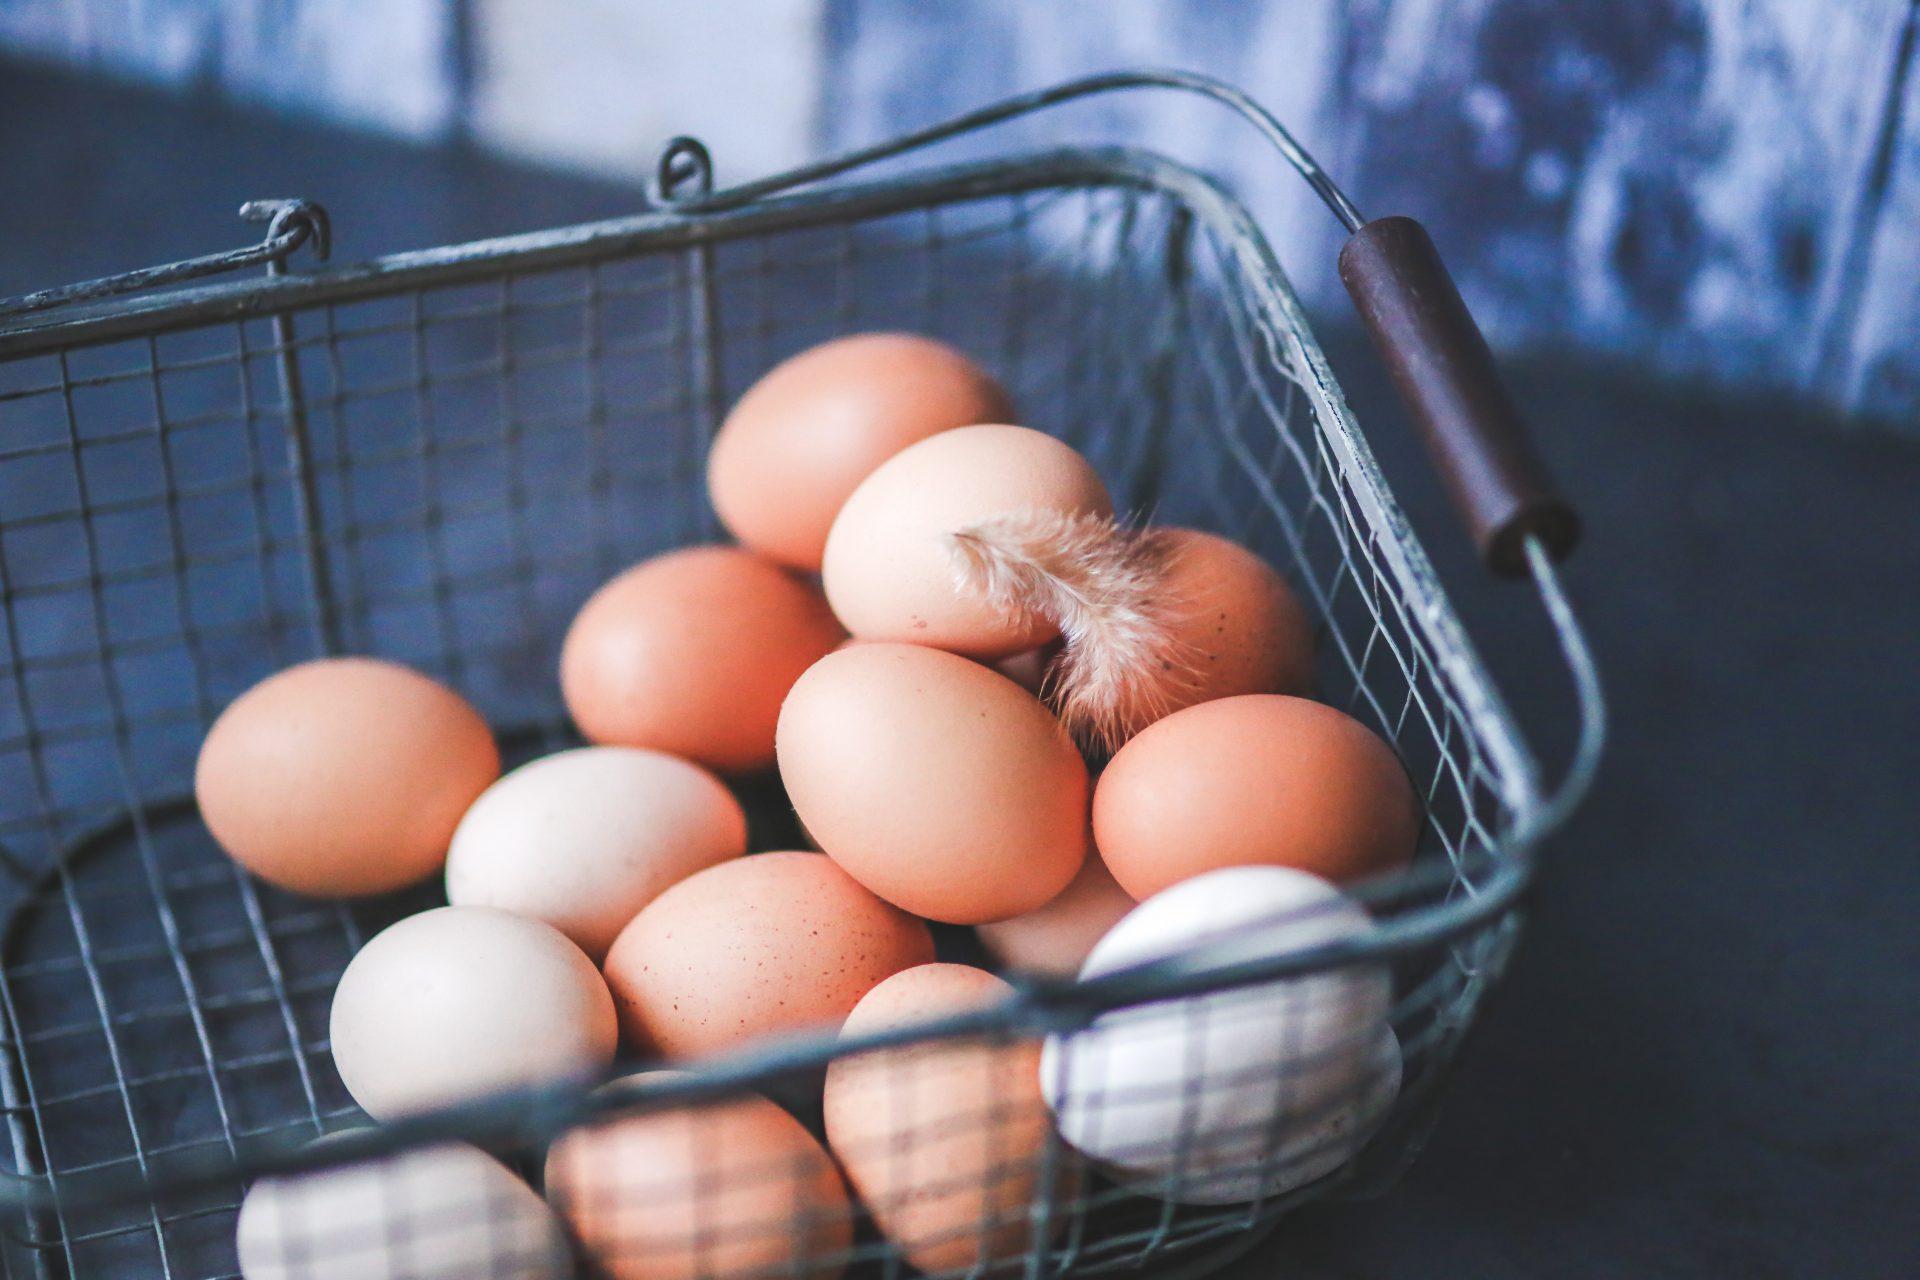 Basuh Dahulu Telur Sebelum Disimpan, Perlu Ke? 4